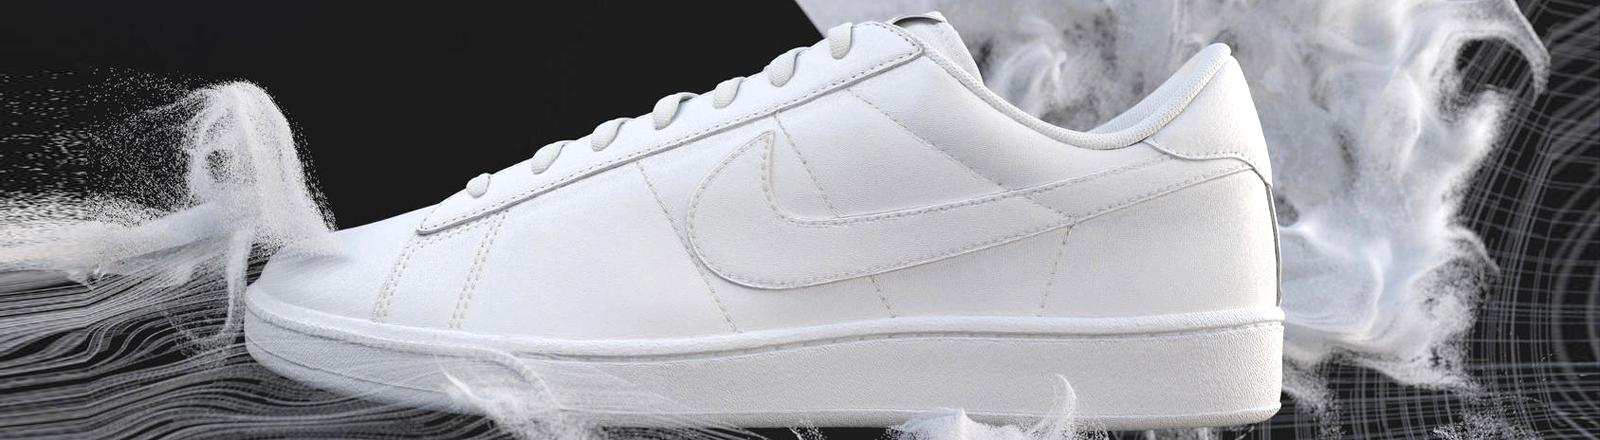 Nike Flyleather Tennis Classic - Schuh aus Lederresten gefertigt